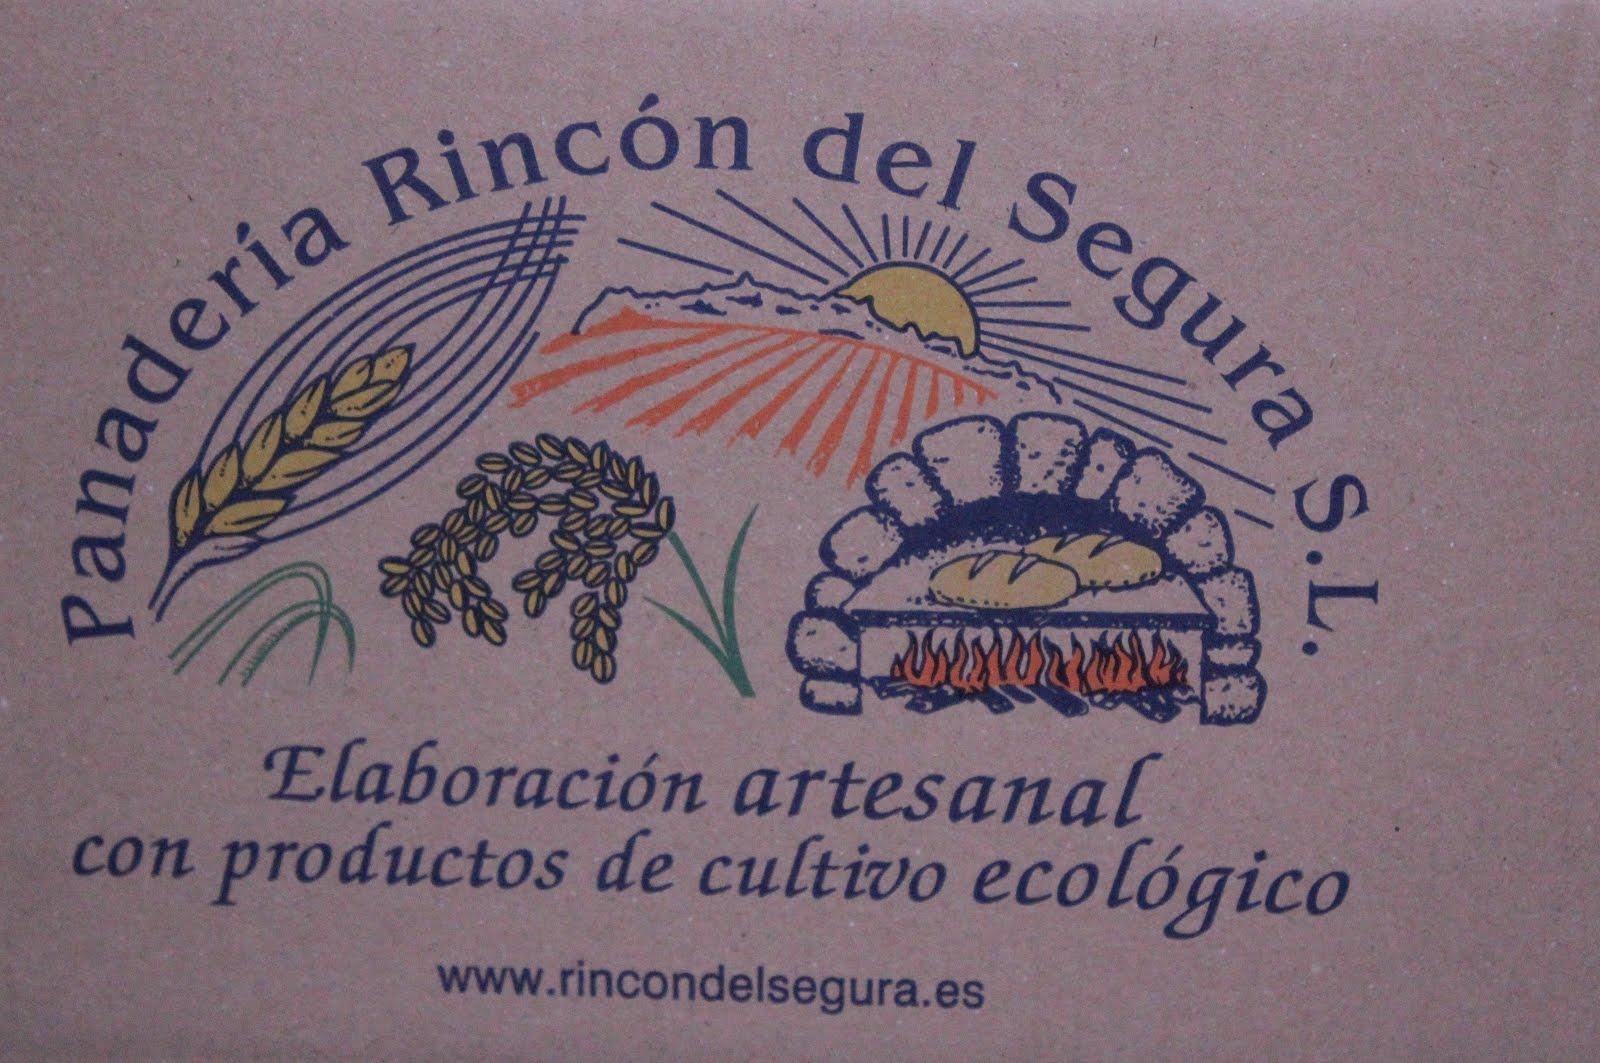 Panaderia Rincón del segura